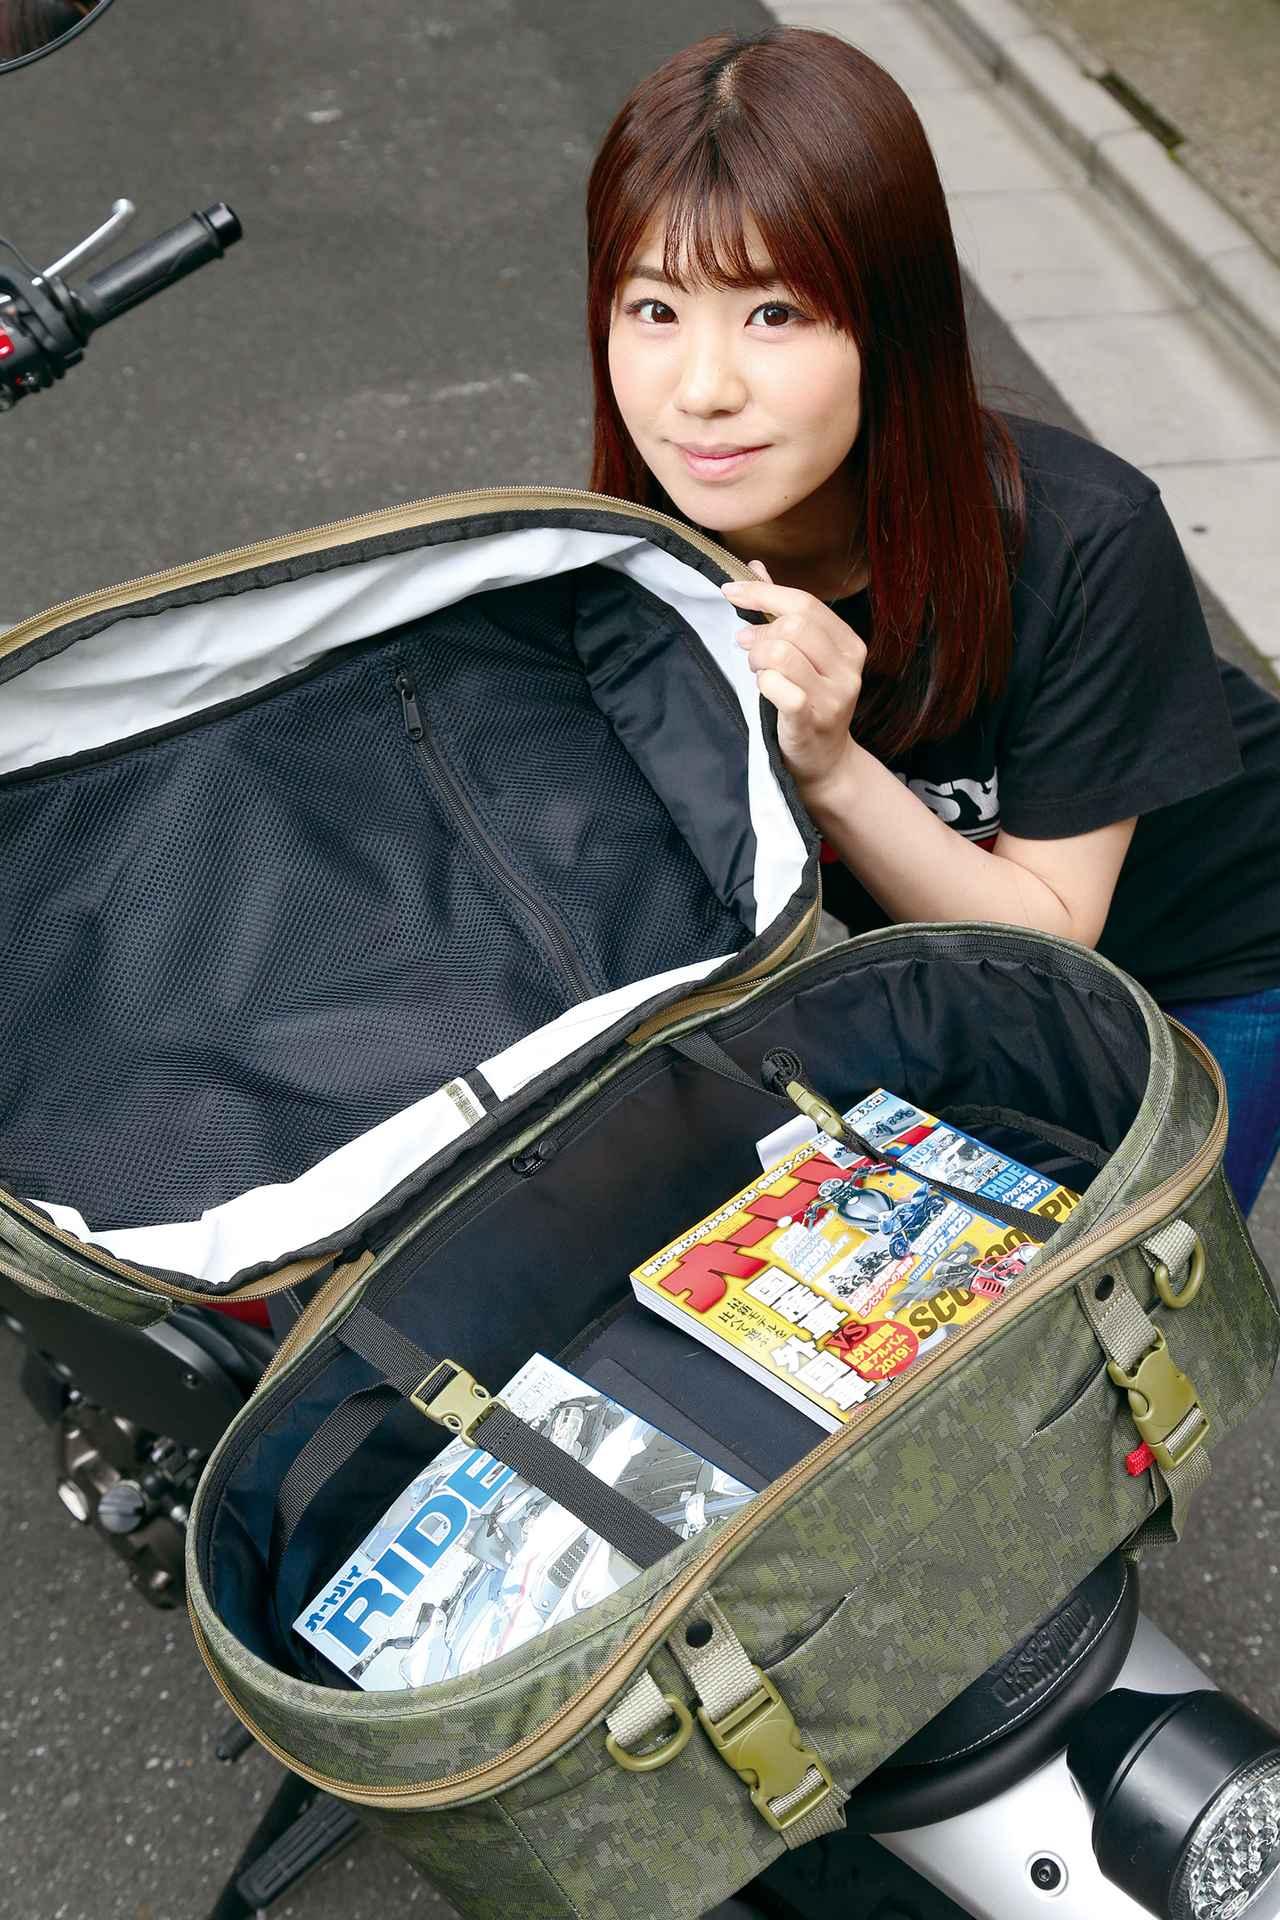 Images : 1番目の画像 - 「シンプルデザインの背負えるシートバッグ!『GOLDWIN GWM X-OVER リアバッグ39』」のアルバム - webオートバイ